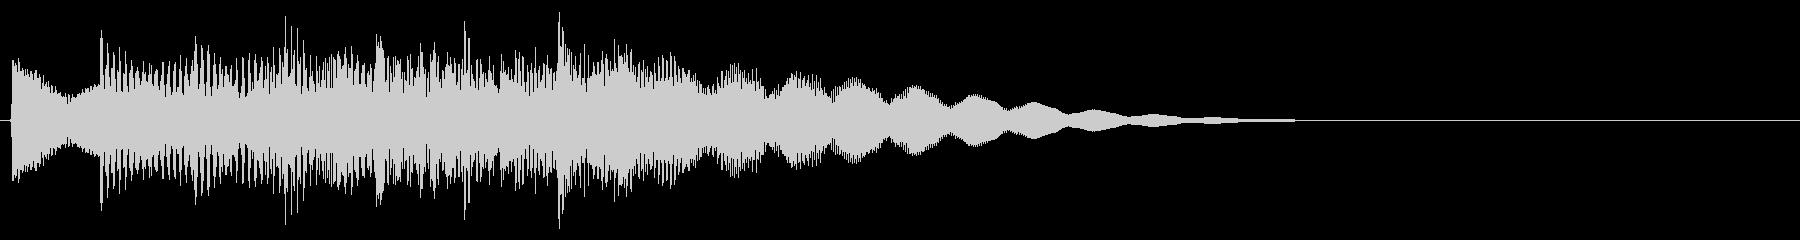 マレット系 ATМ風のフレーズ4(特)の未再生の波形